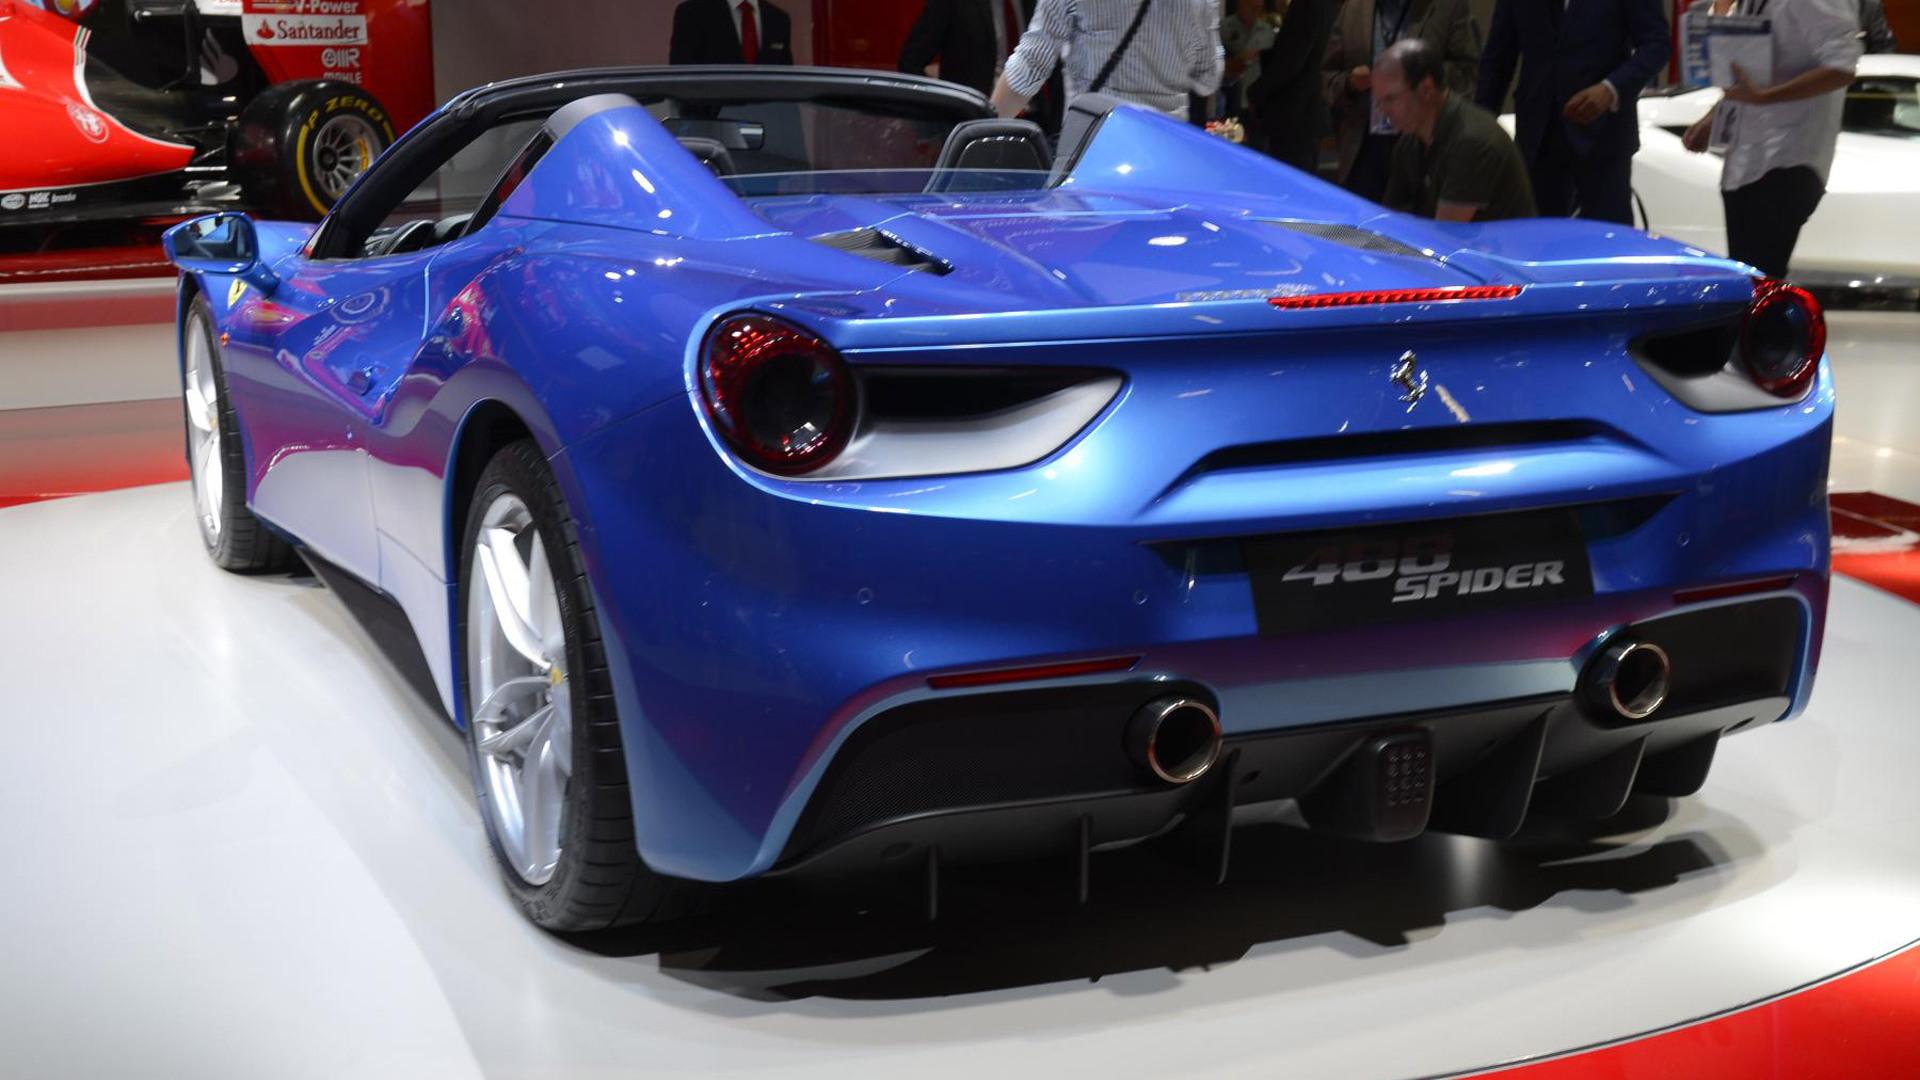 2016 Ferrari 488 Spider, 2015 Frankfurt Auto Show